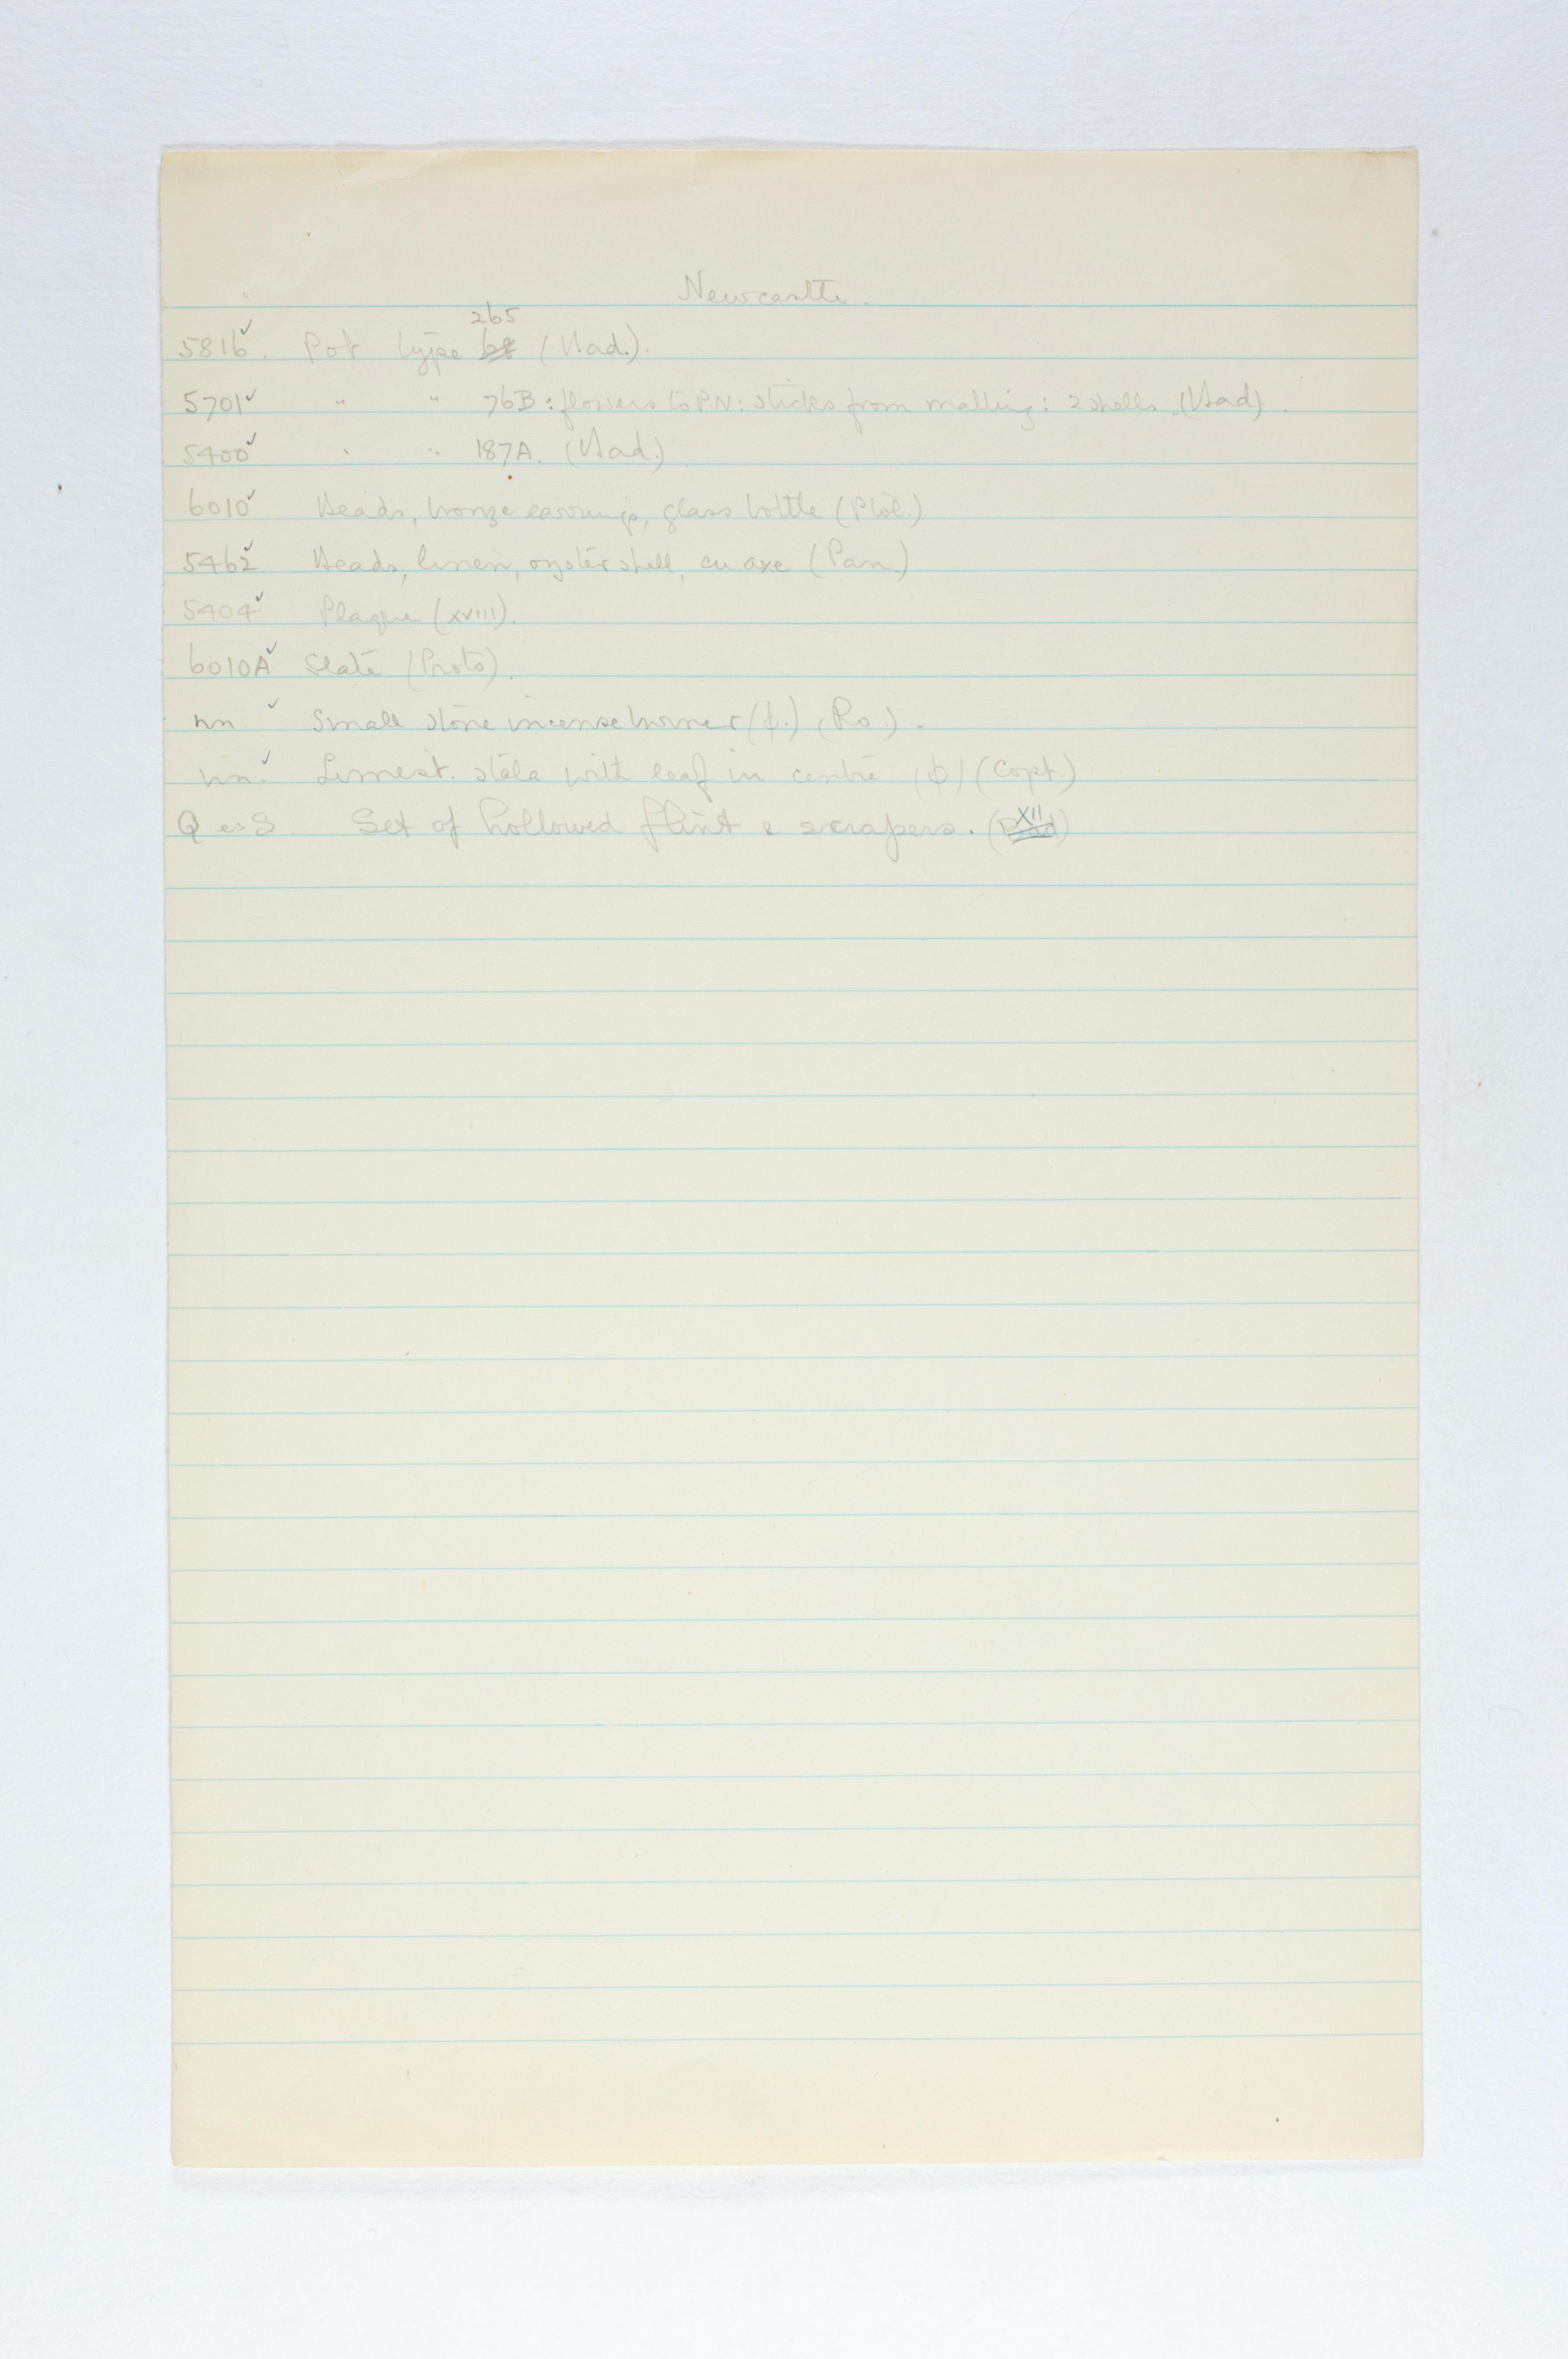 1924-25 Badari, Faiyum Individual institution list PMA/WFP1/D/28/16